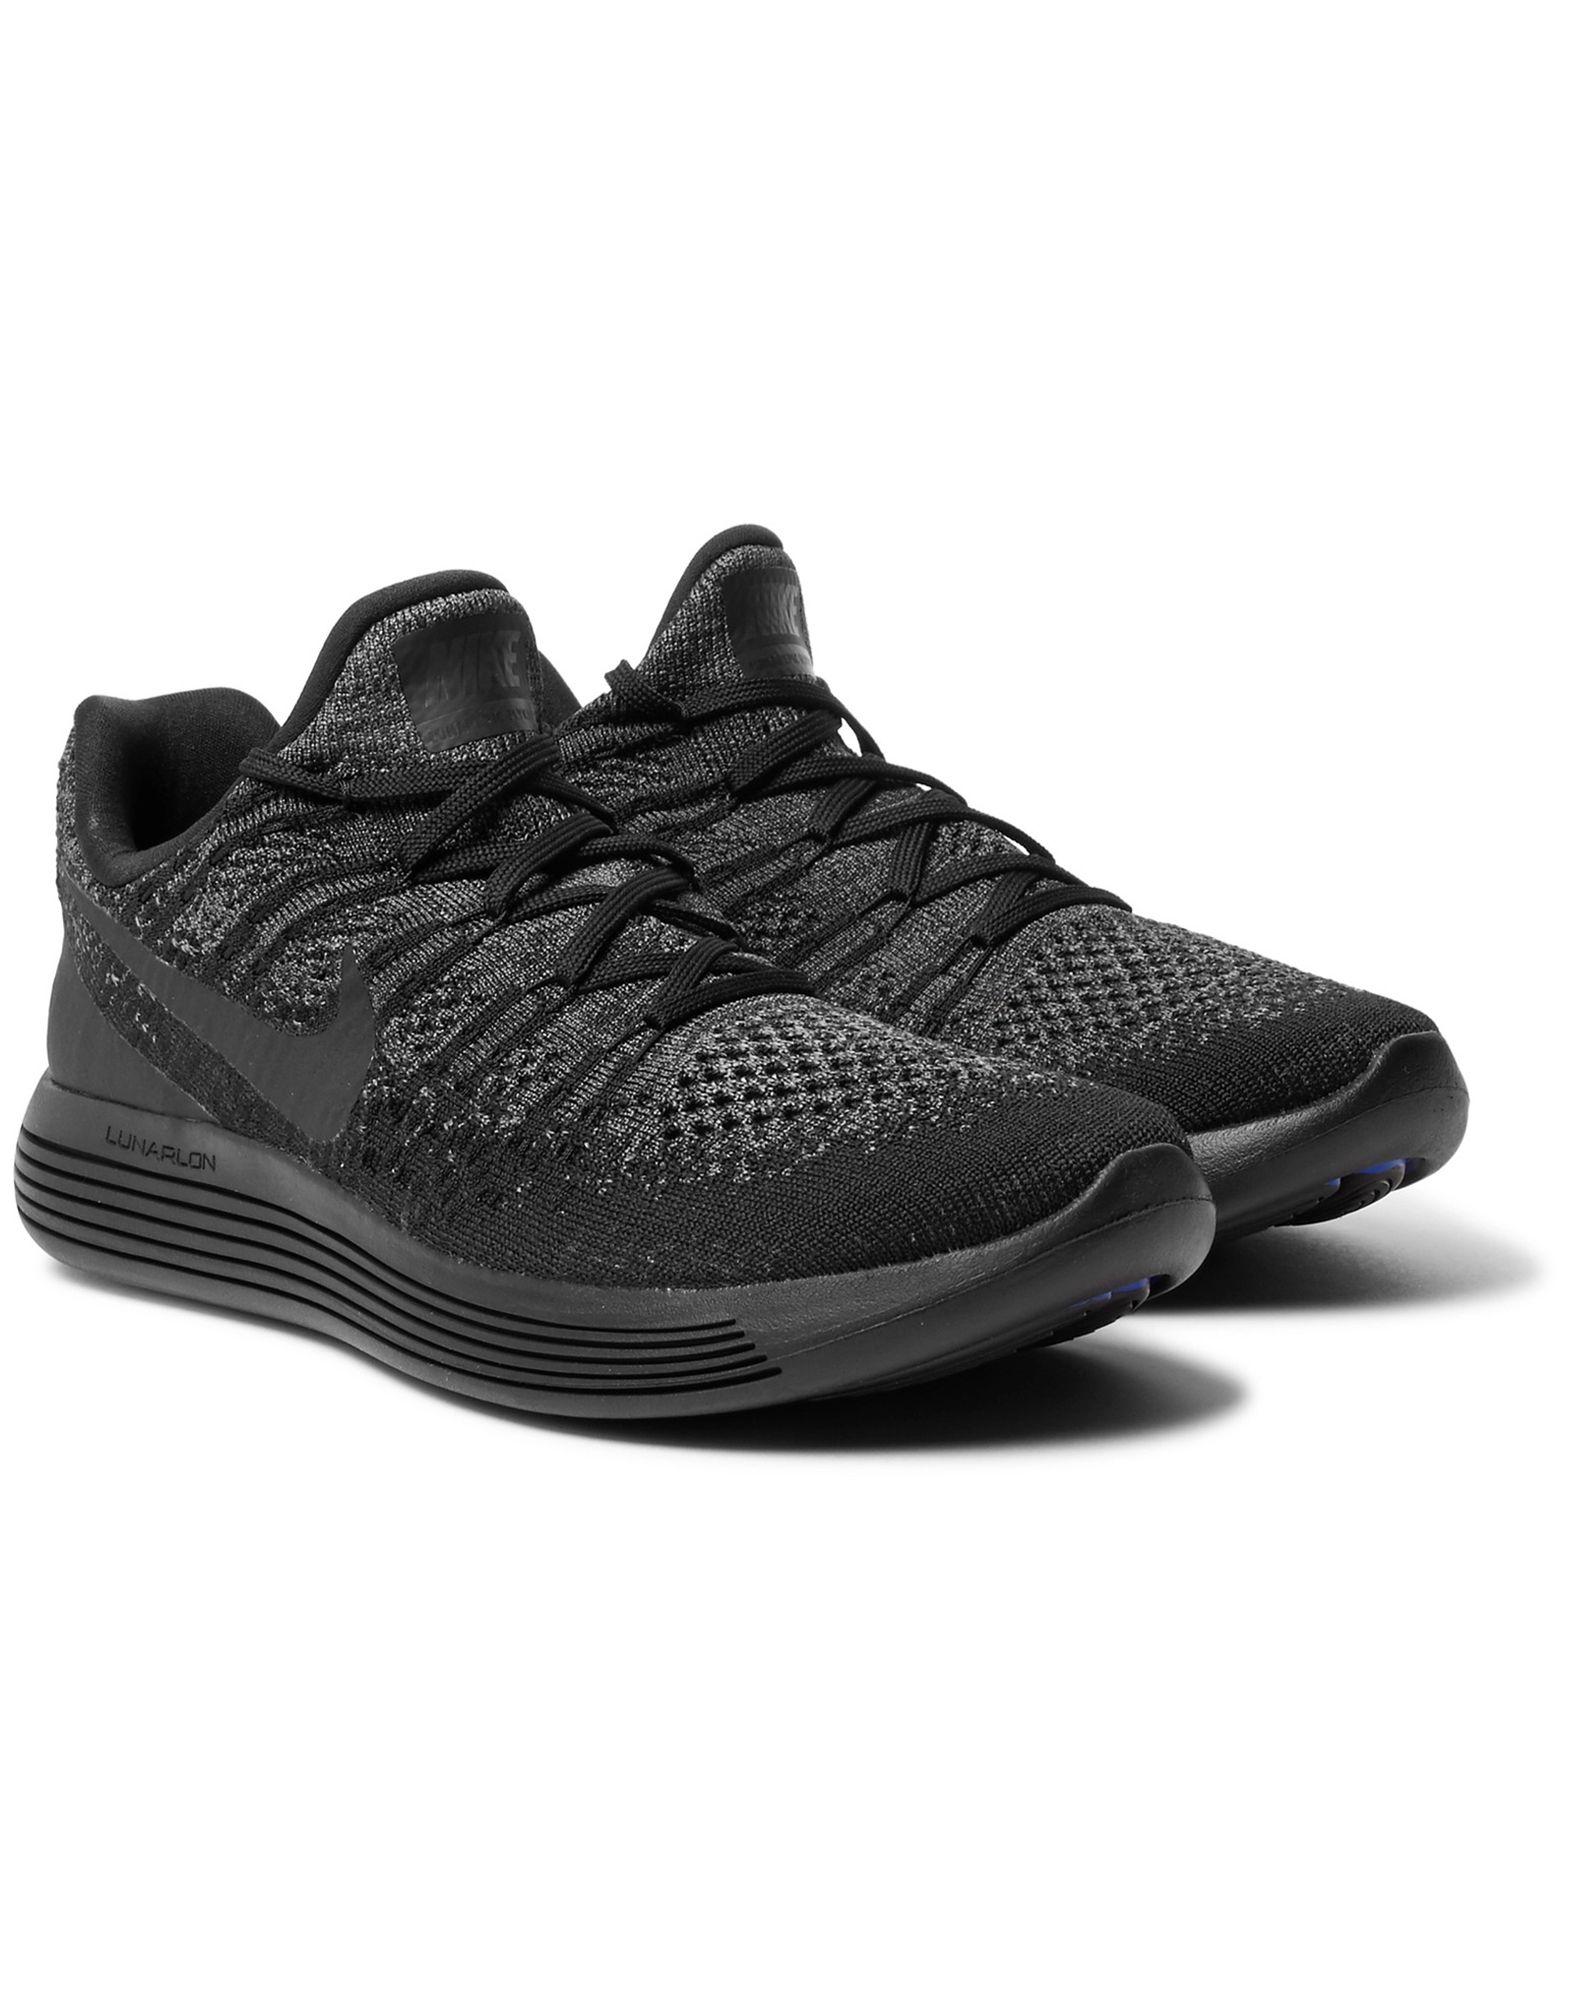 Nike Sneakers Herren Gutes Preis-Leistungs-Verhältnis, Preis-Leistungs-Verhältnis, Gutes es lohnt sich 1cf1a9